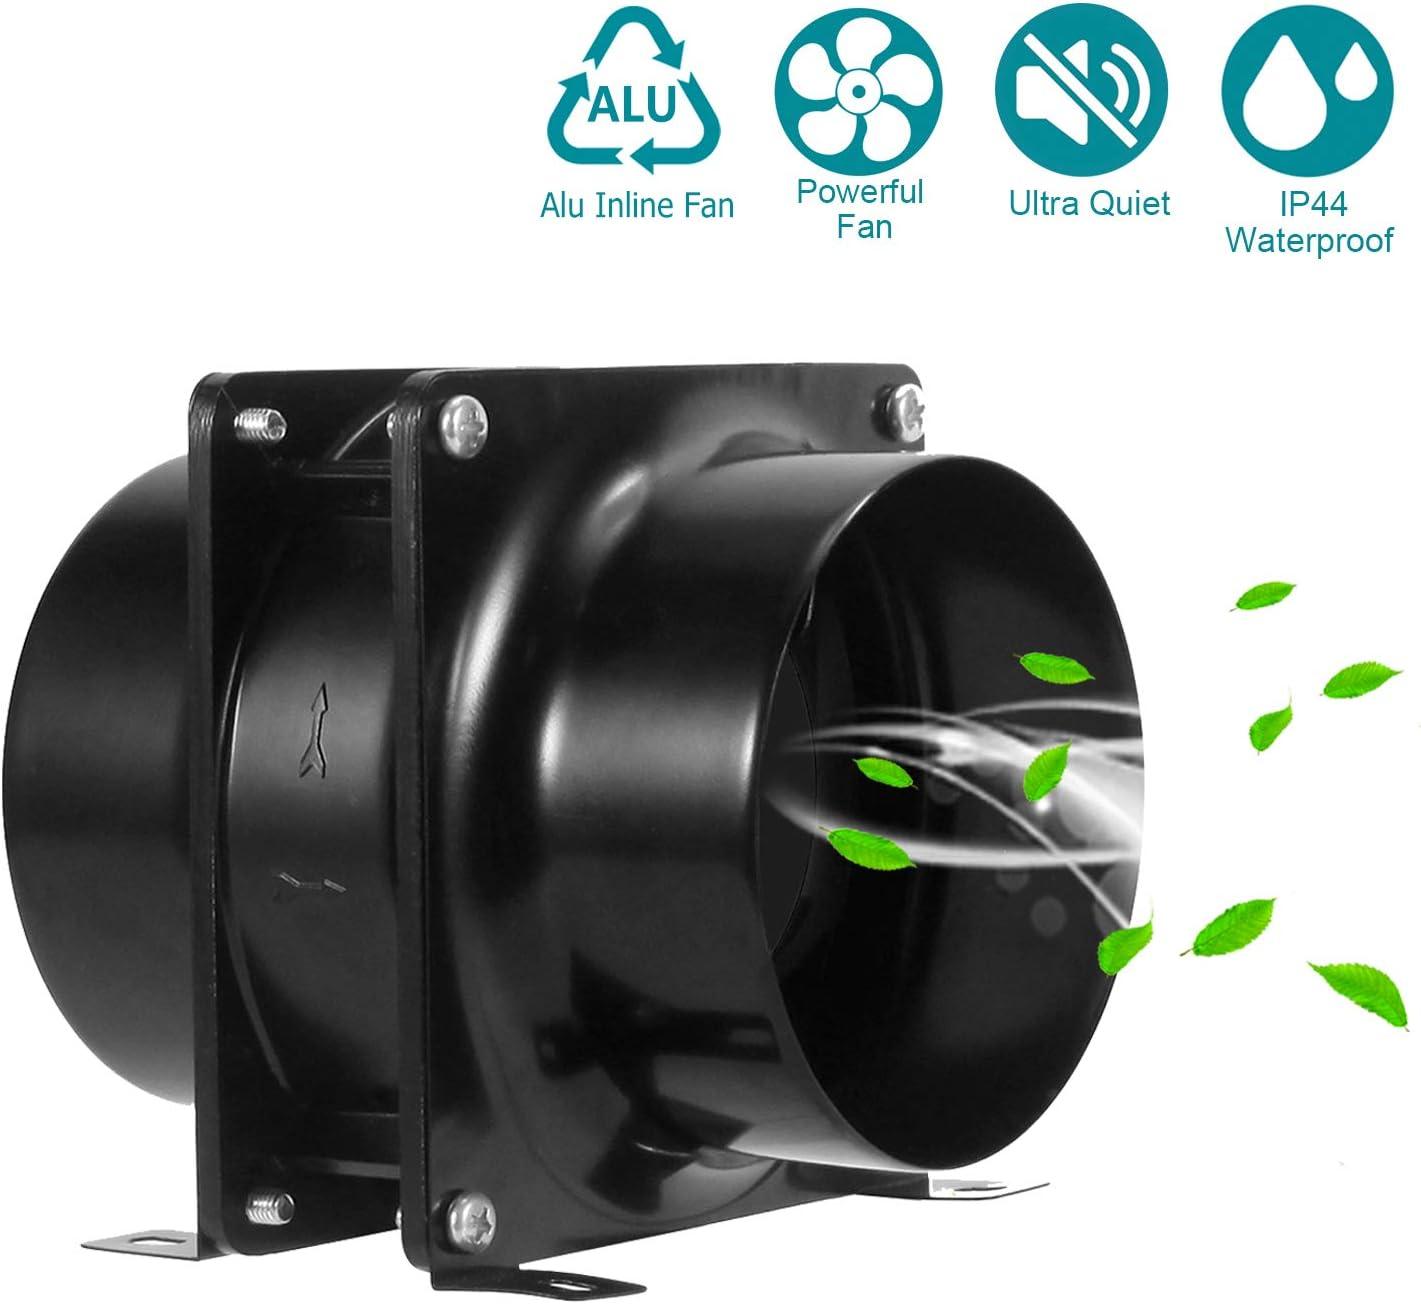 Ventilador extractor HG POWER Silencioso Axial flujo mixto en l/ínea ventilaci/ón conducto ventilador para /áticos tiendas de cultivo ventilaciones s/ótanos